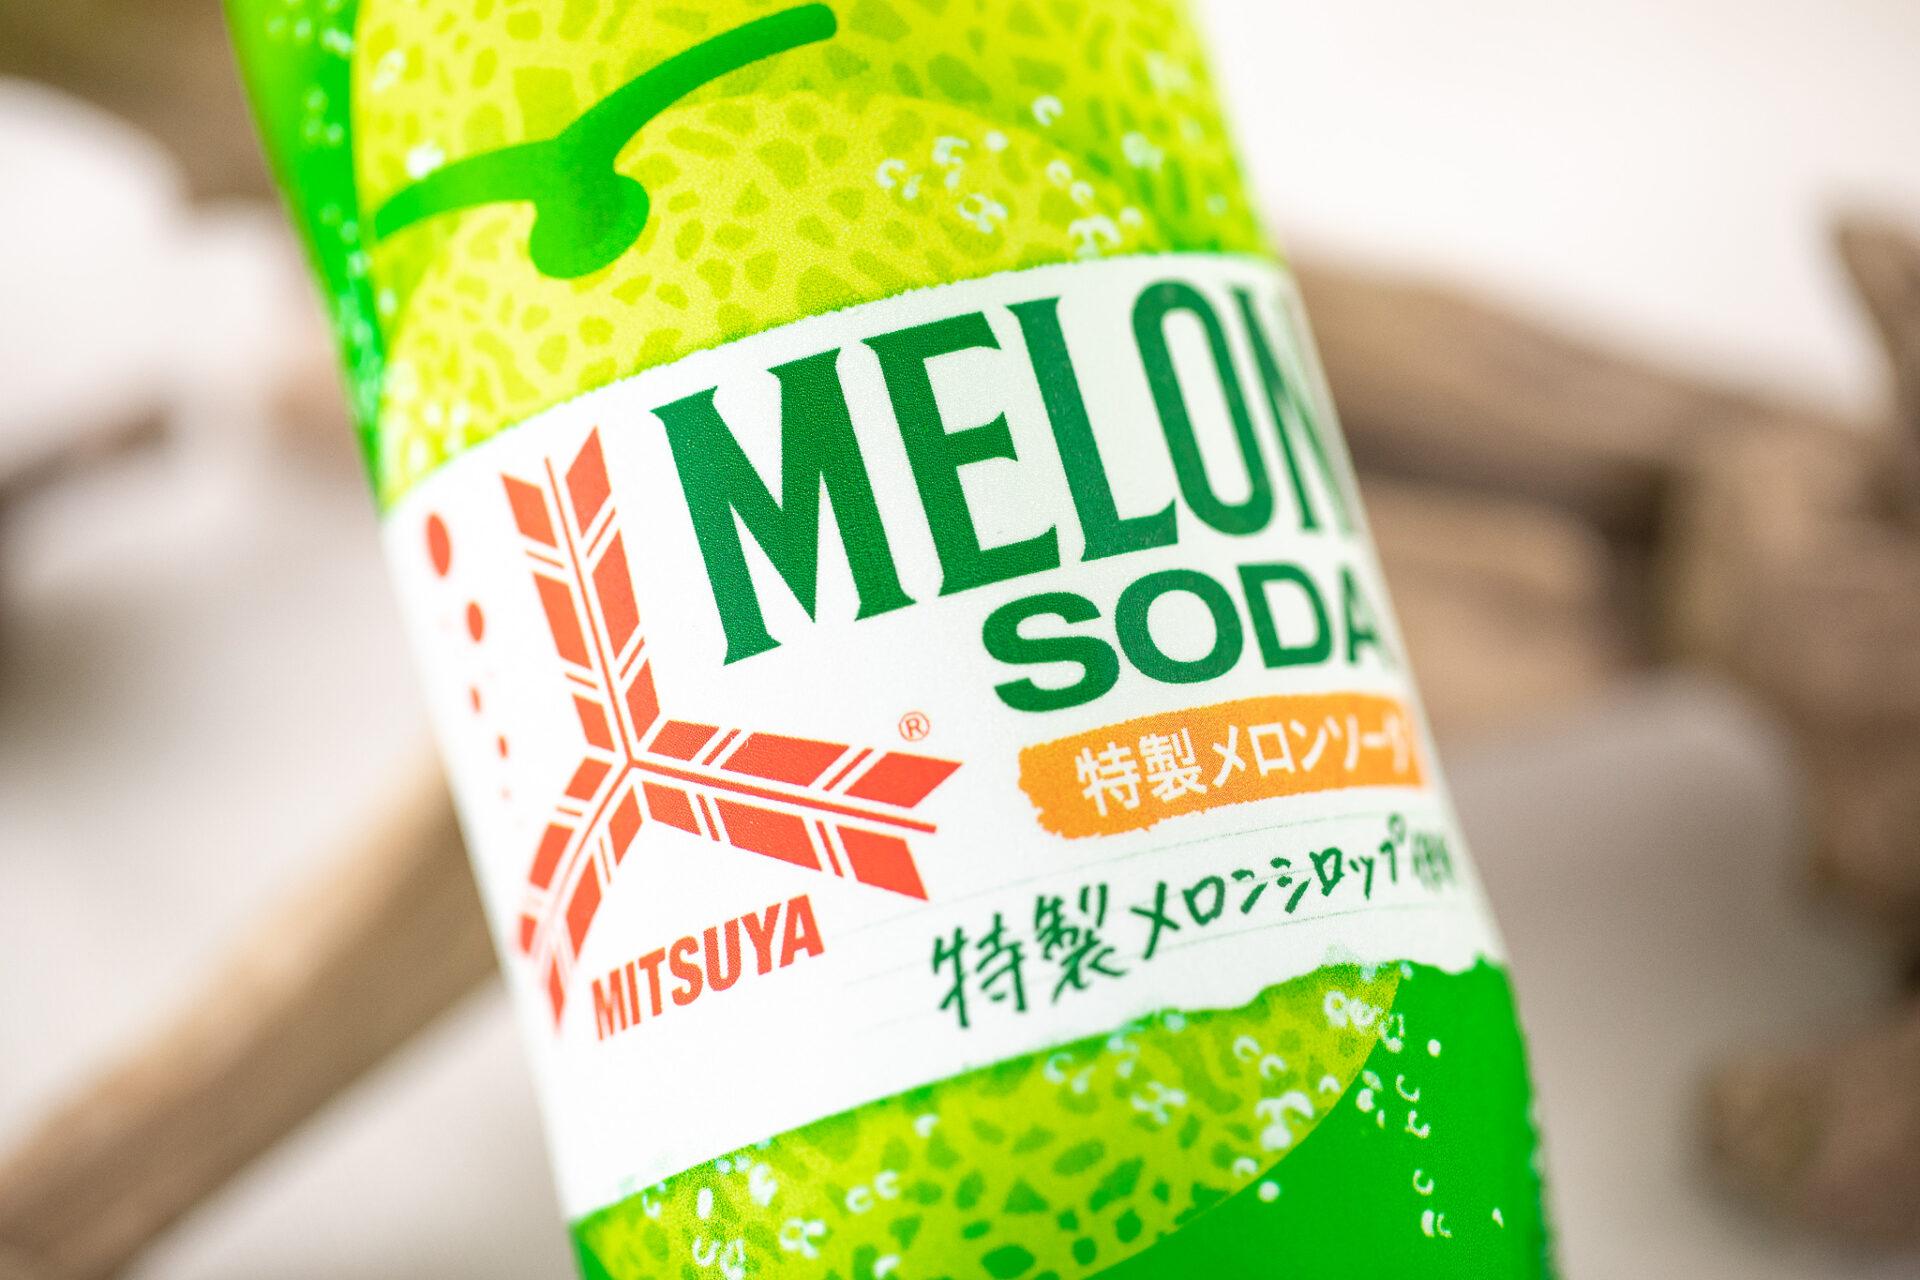 アサヒ飲料『「三ツ矢」特製メロンソーダ PET450ml』